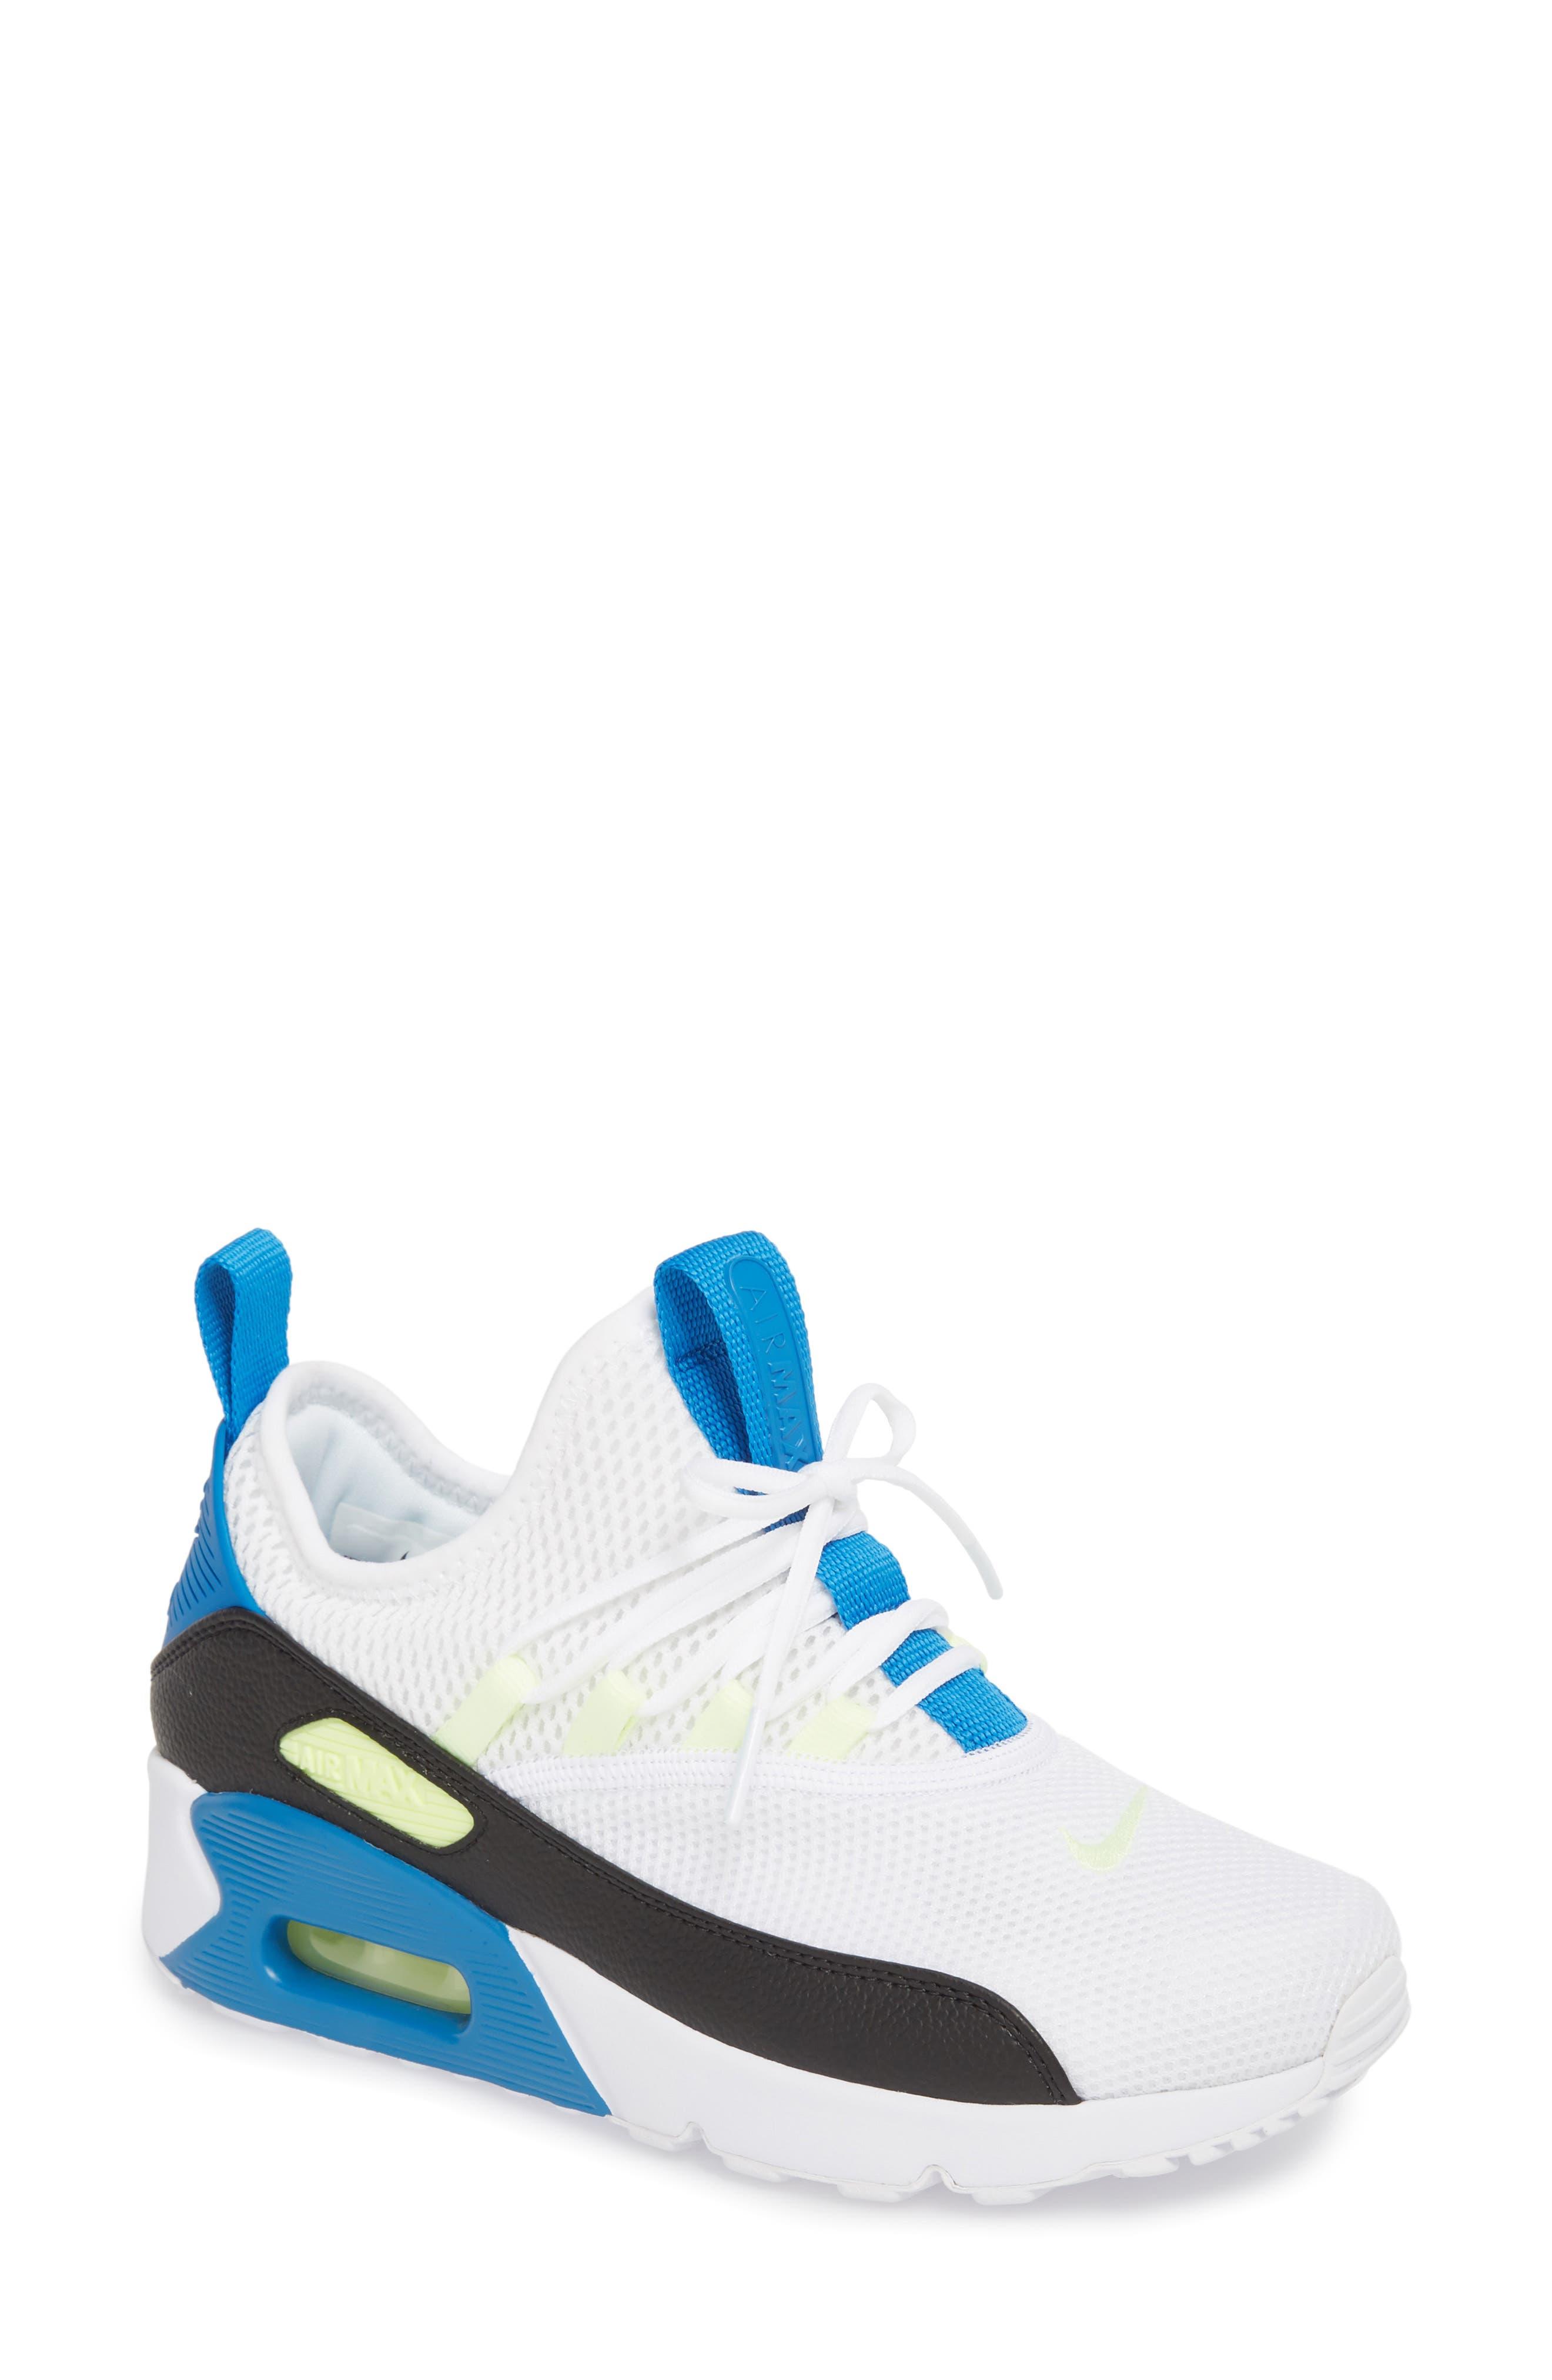 Air Max 90 EZ Sneaker,                             Main thumbnail 1, color,                             White/ Black/ Blue Nebula